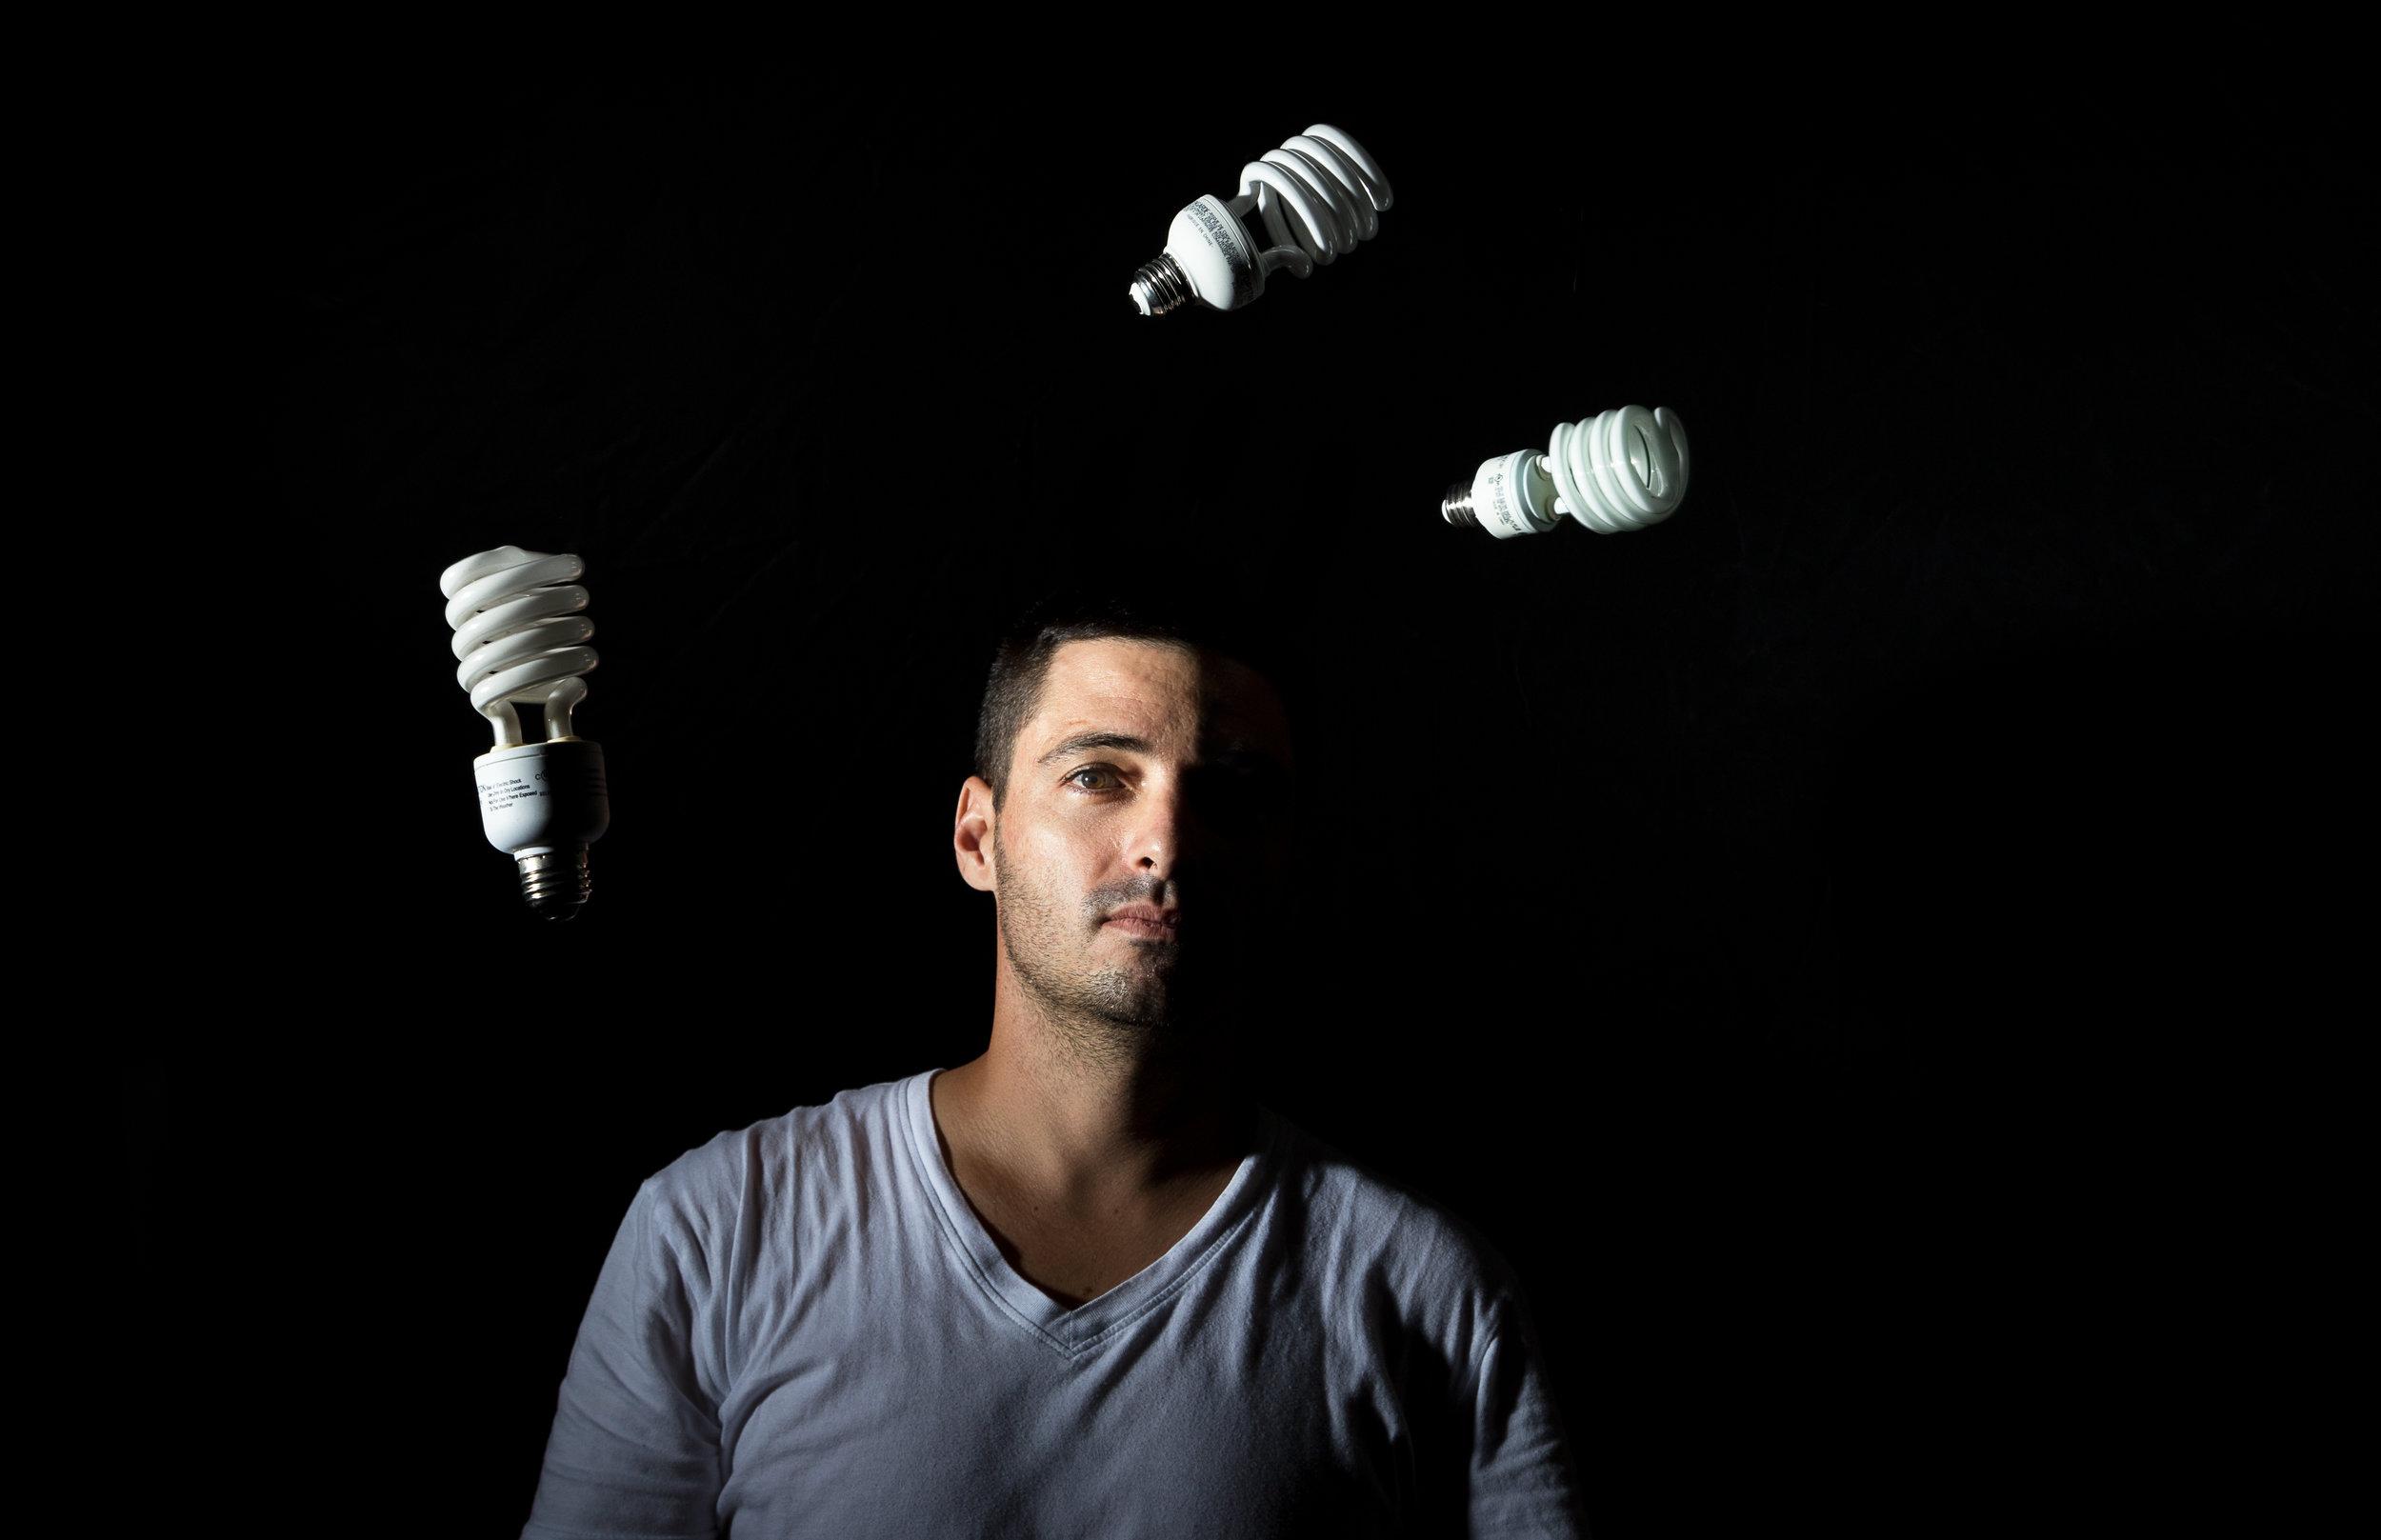 lightbulb-portrait-2.jpg